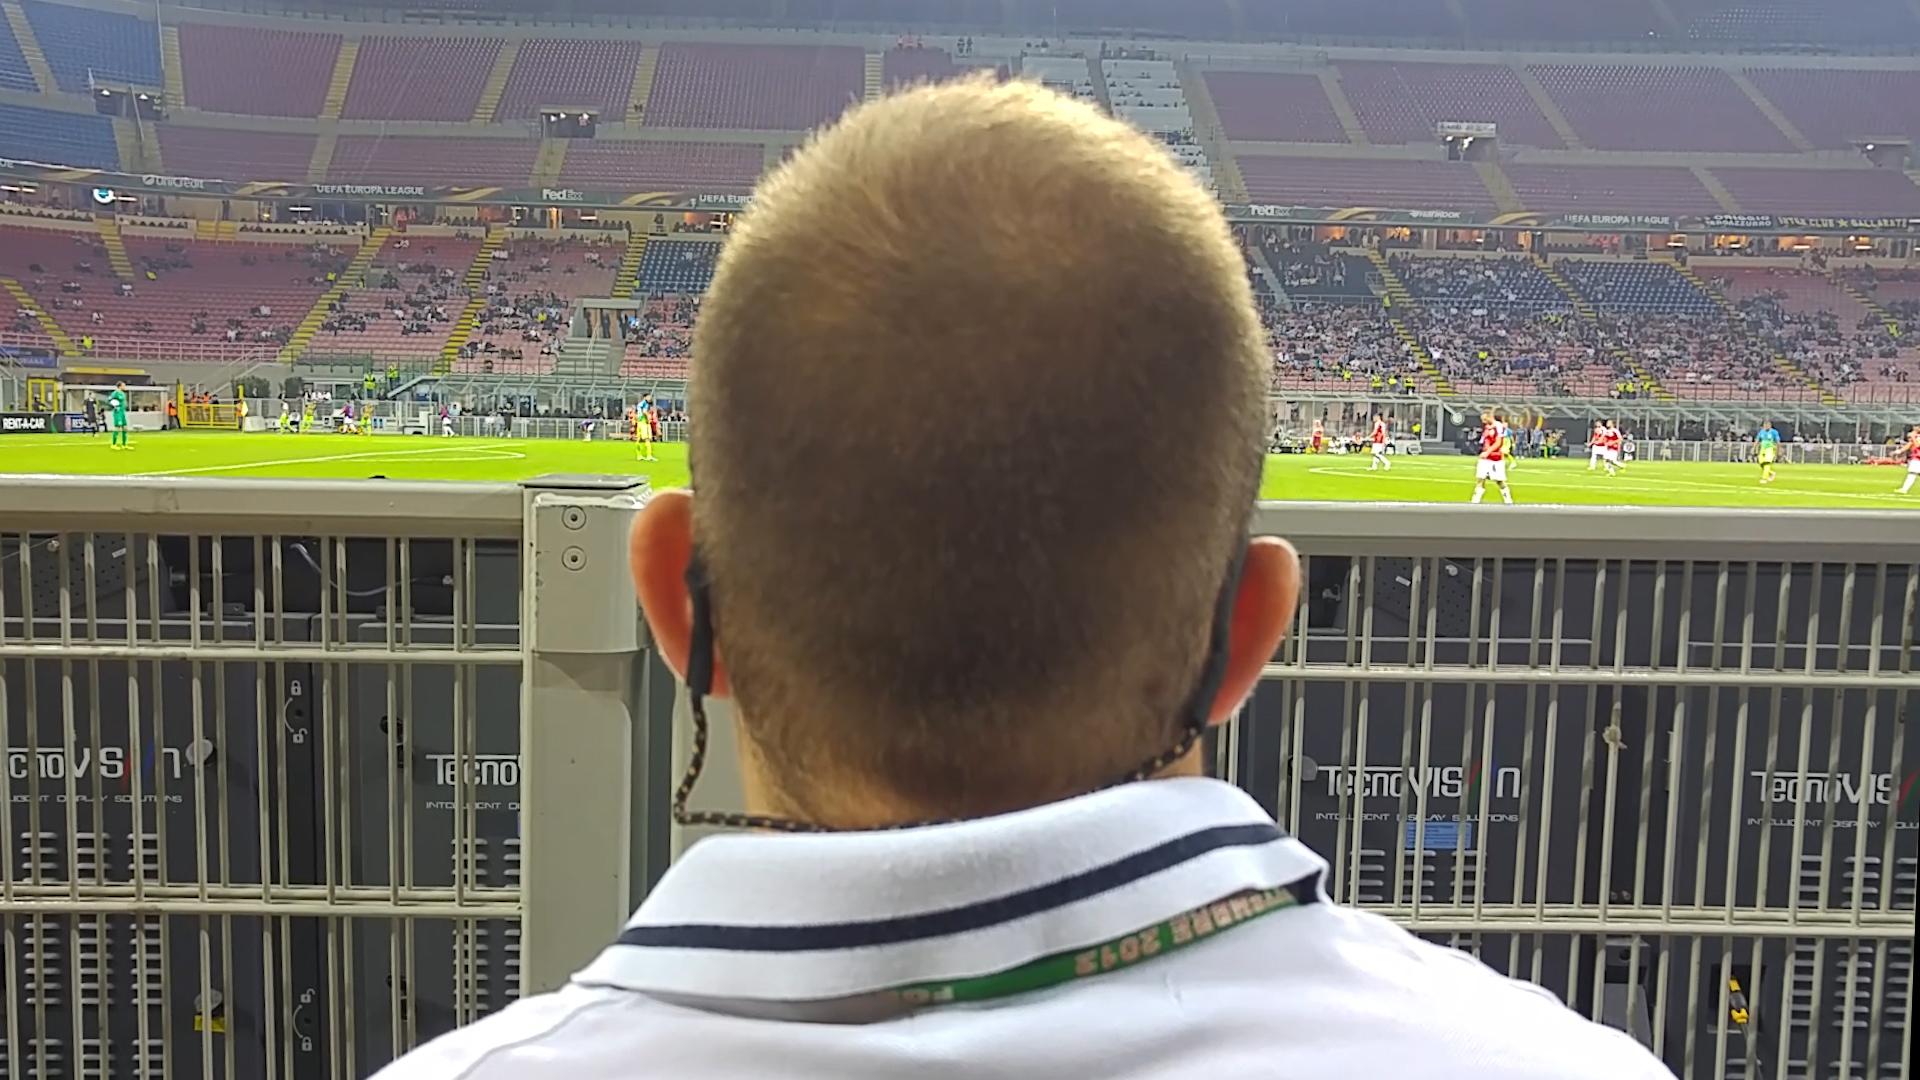 """Disabili discriminati a San Siro: """"Siamo tifosi come tutti gli altri"""""""